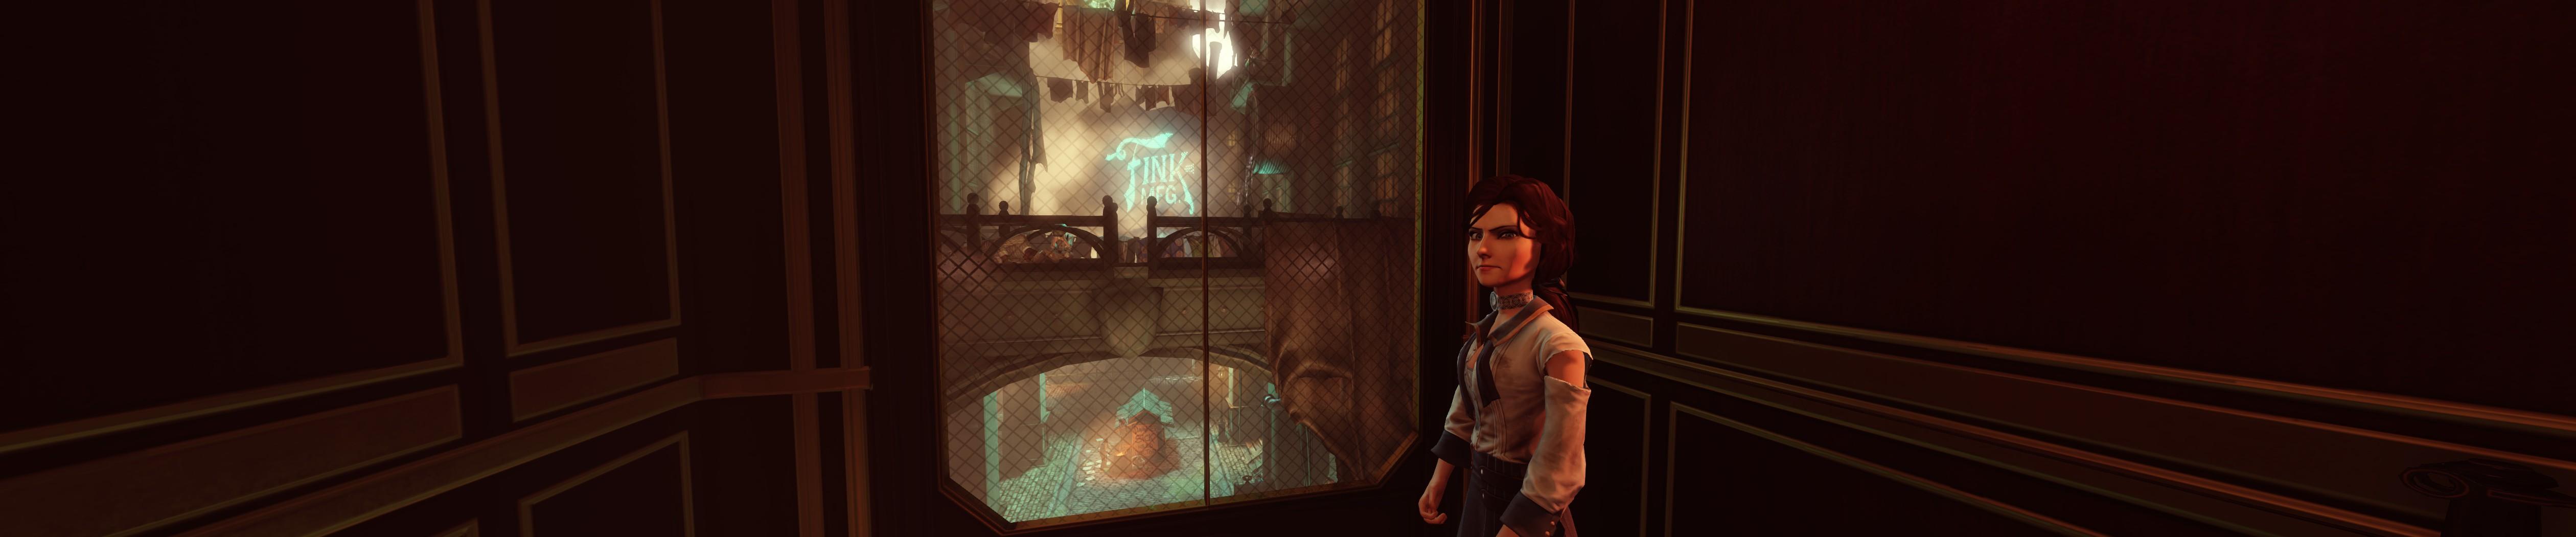 Bioshock_Infinite_2013-05-14_00037